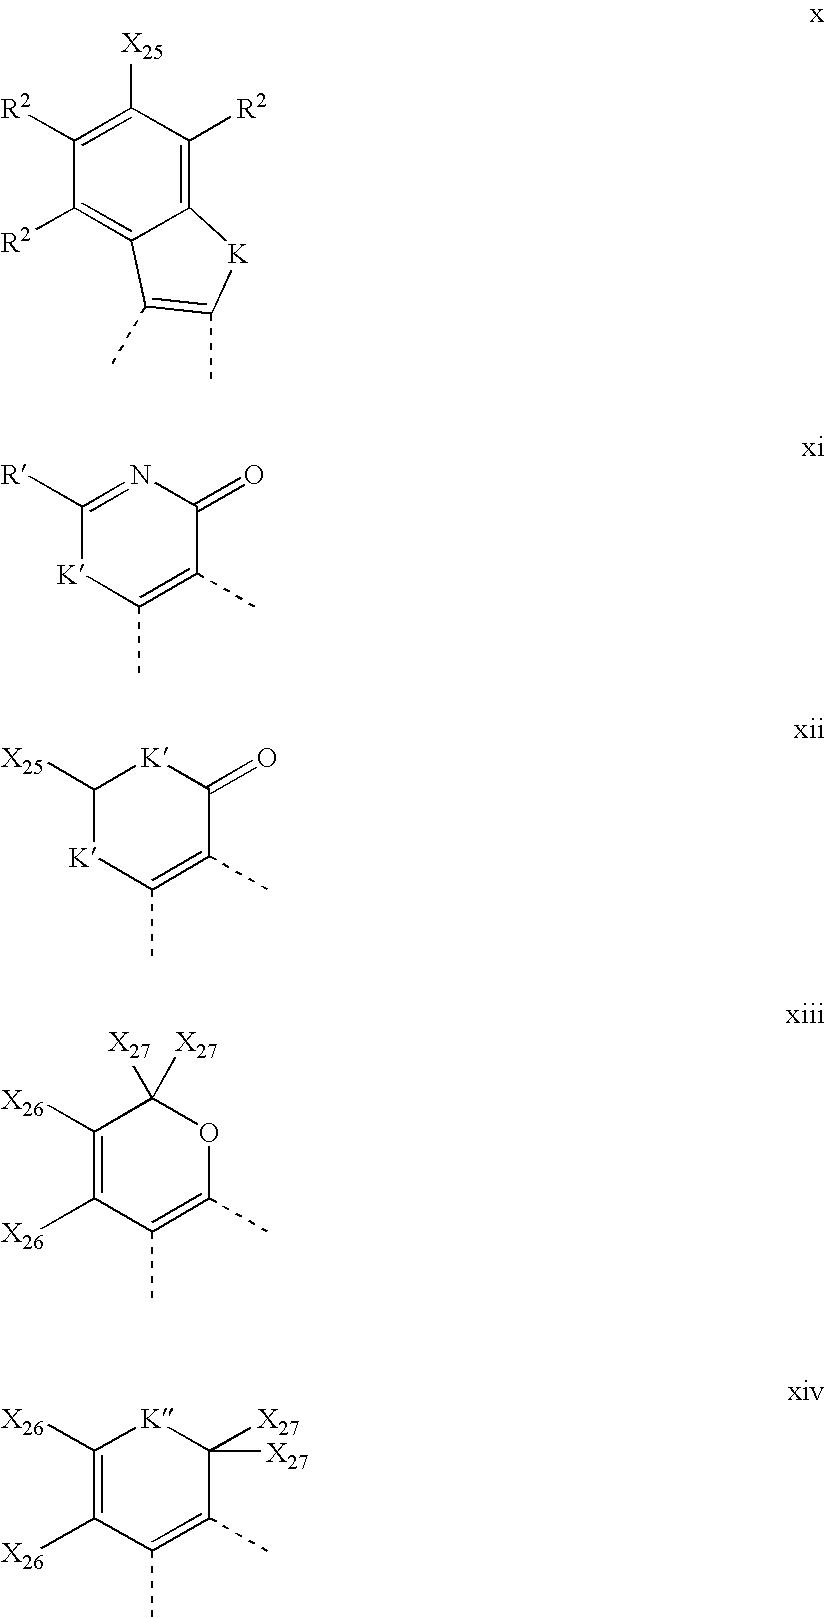 Figure US20070047055A1-20070301-C00008